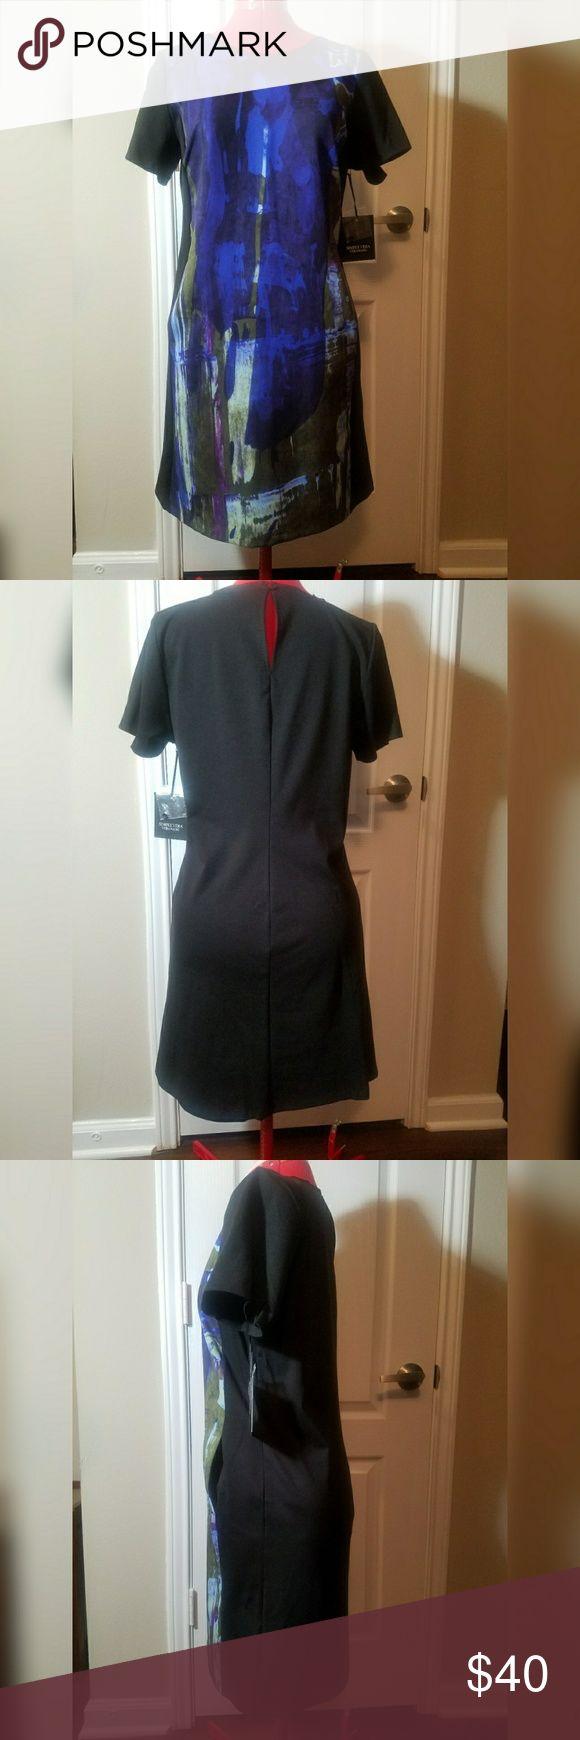 NEW, Simply Vera Vera Wang sheath dress NEW, Simply Vera Vera Wang sheath dress, side pockets, medium Simply Vera Vera Wang Dresses